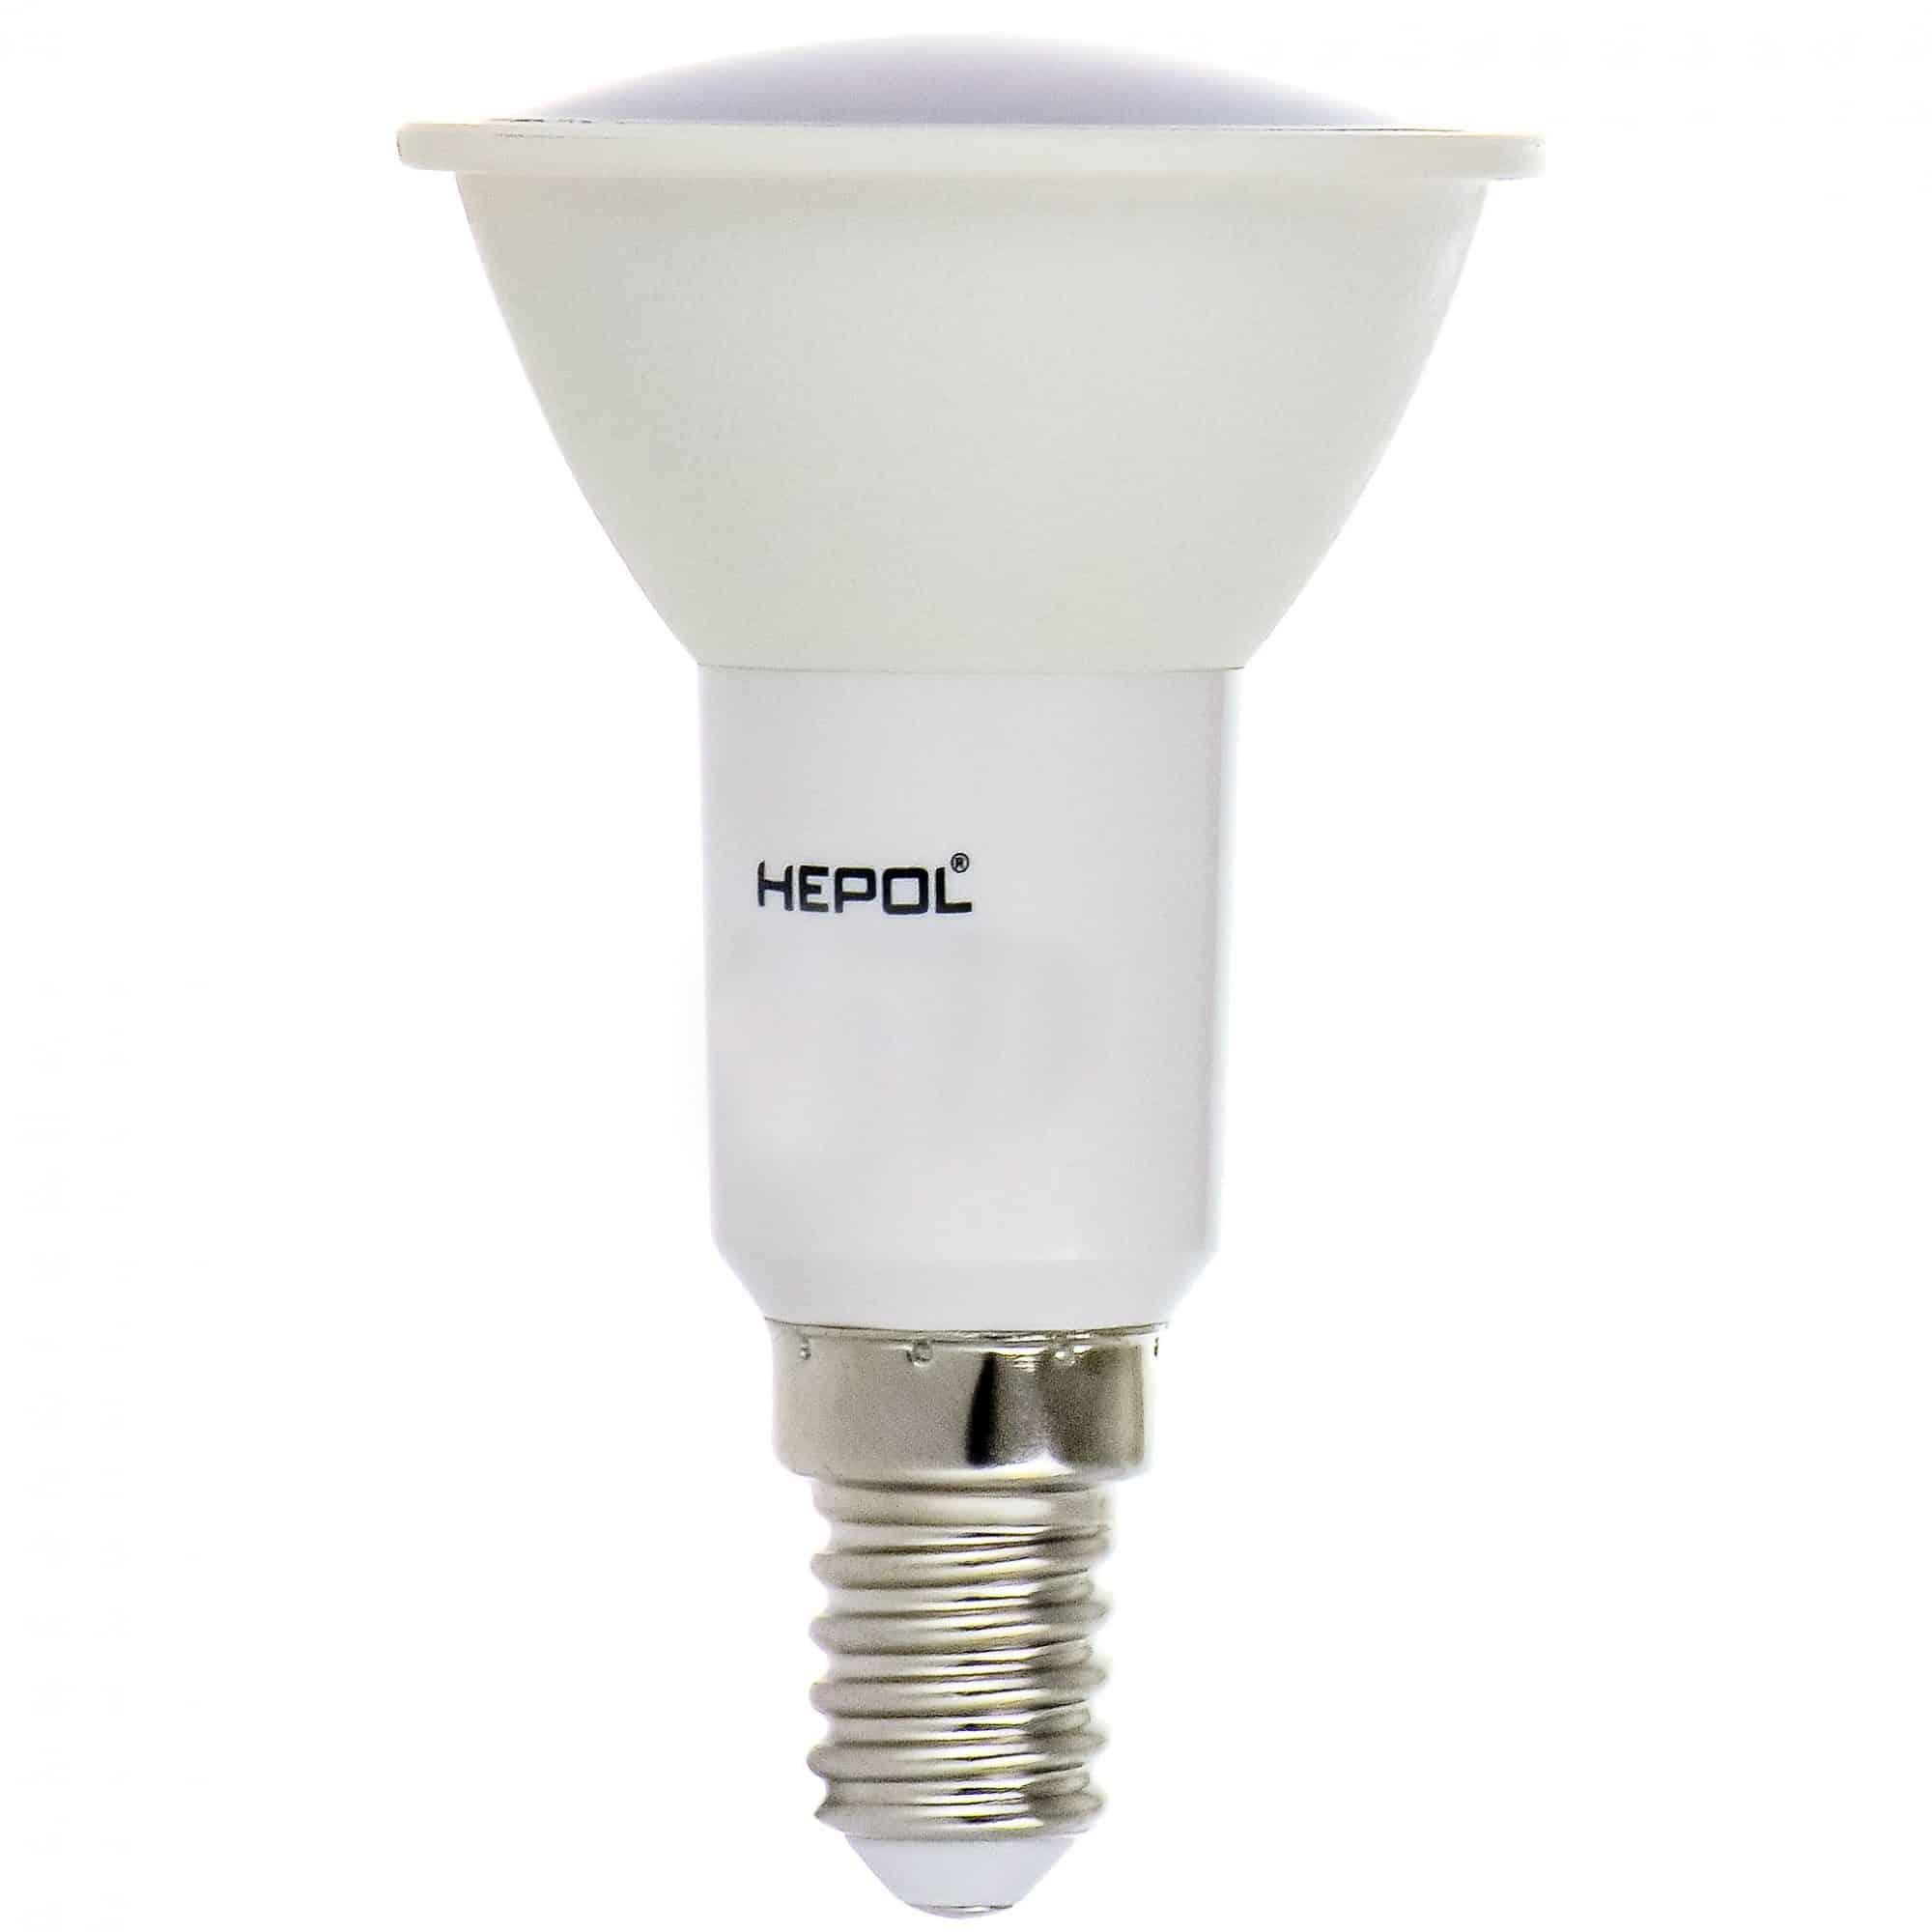 Bec LED Hepol R50, 6,5W, 500 lm, lumina calda mathaus 2021